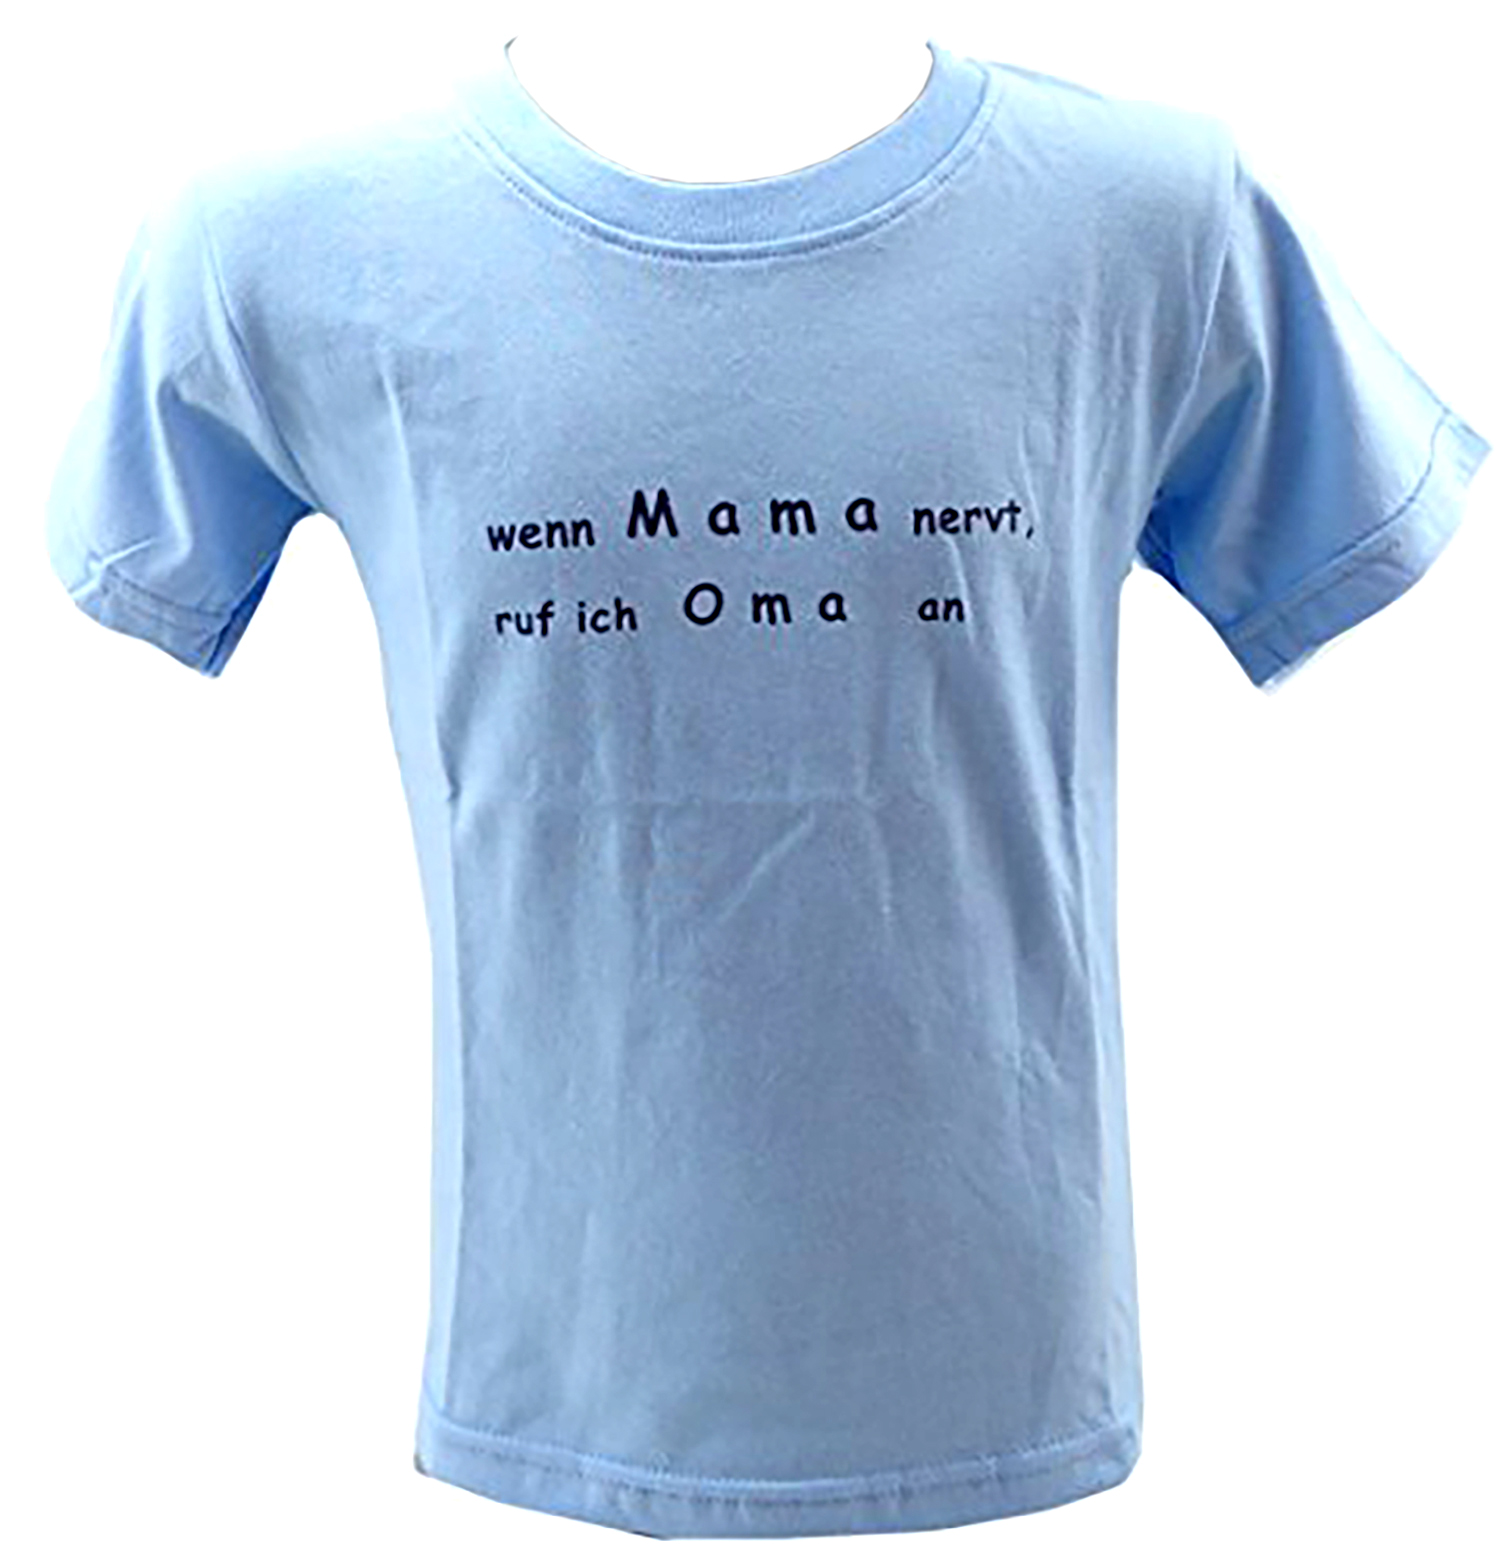 Full Size of Lustige T Shirt Sprüche Hemd Blau Sprche Shirts 1 6 Jahre Wenn Bettwäsche Einbauküche Günstig Plissee Fenster Bad Unterschrank Wassertank Garten Rattan Wohnzimmer Lustige T Shirt Sprüche